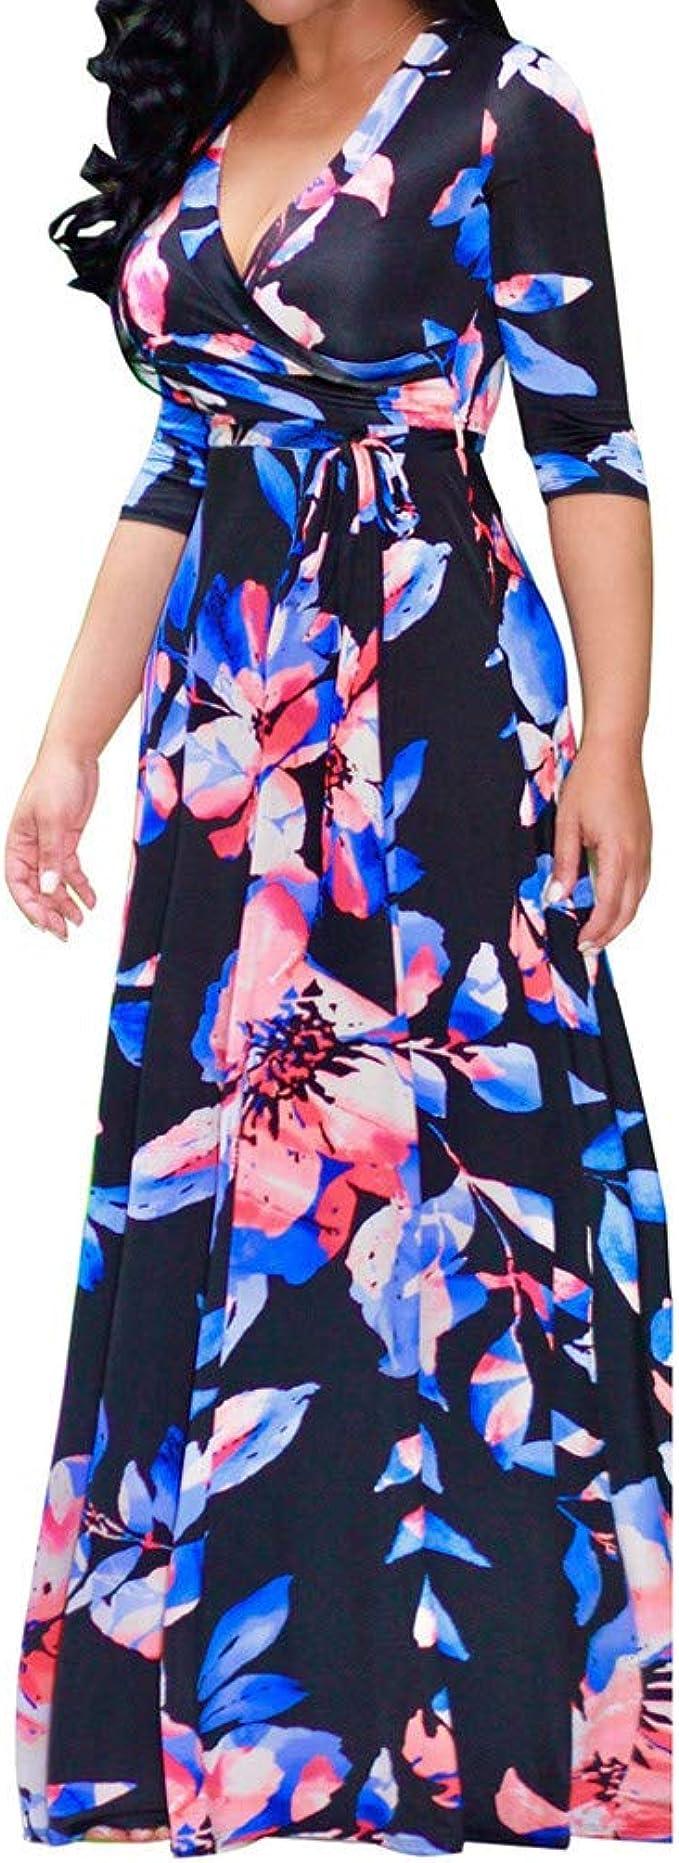 Damen Sommerkleid,Lang Kleider Maxikleid Strandkleid Damen Elegante  Abendkleid Partykleid Übergröße Kleid mit O Ausschnitt Applikationen ...